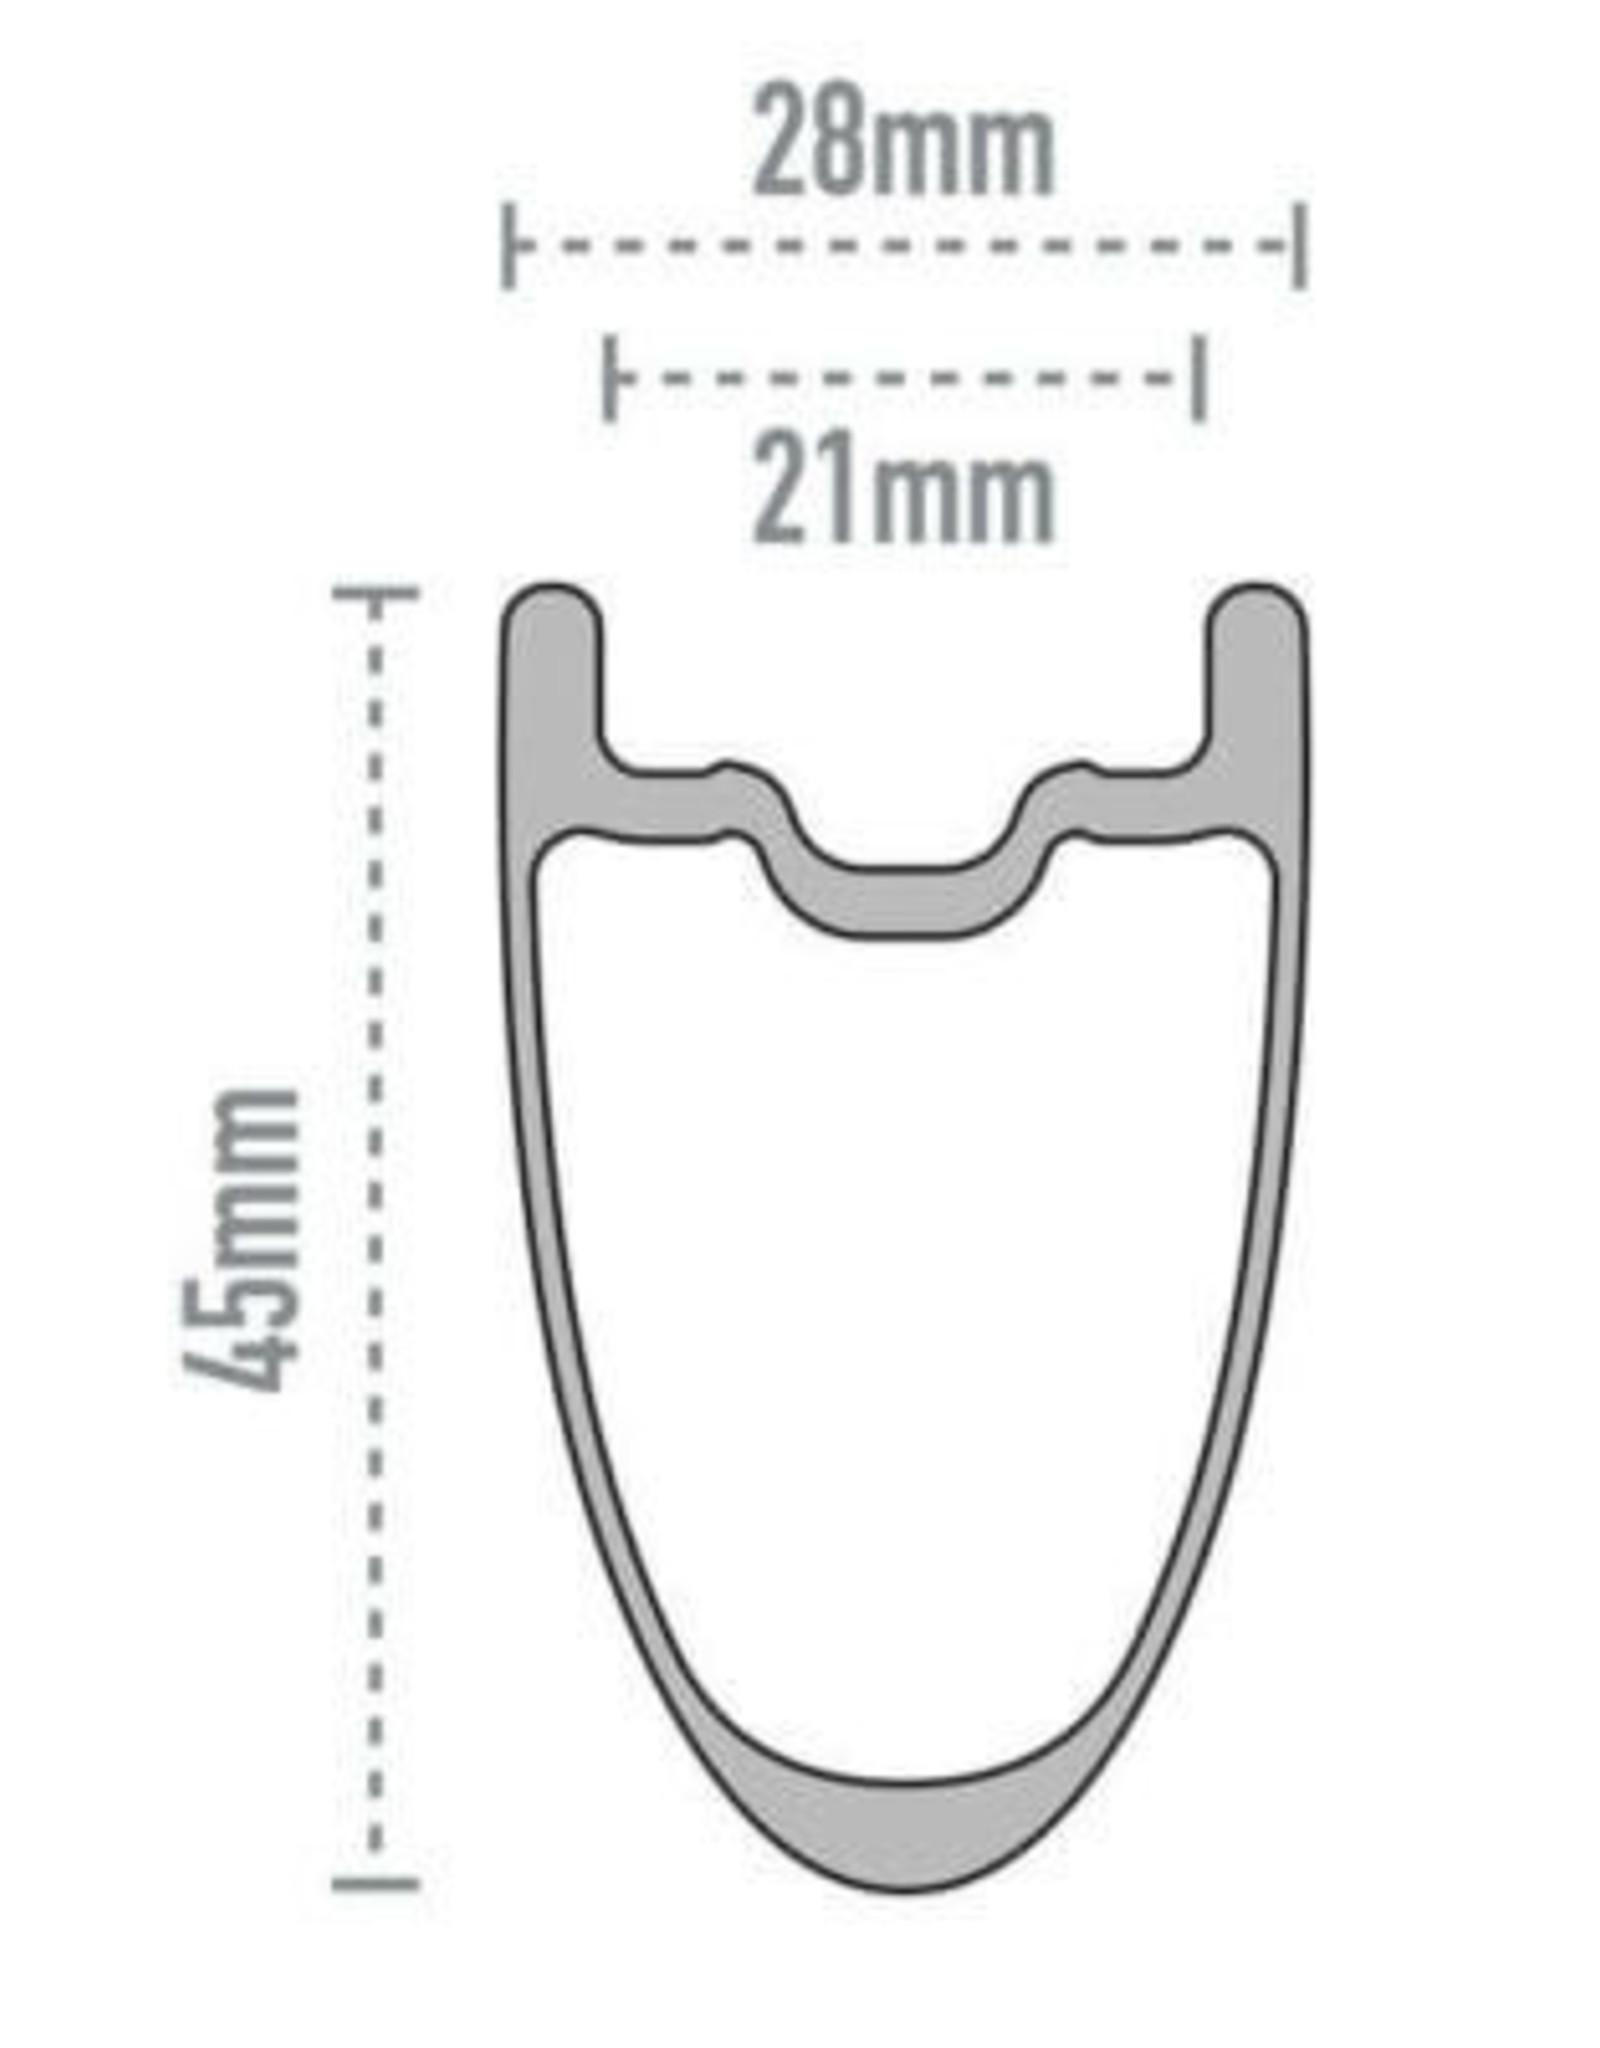 ENVE Composites ENVE Foundation Rims